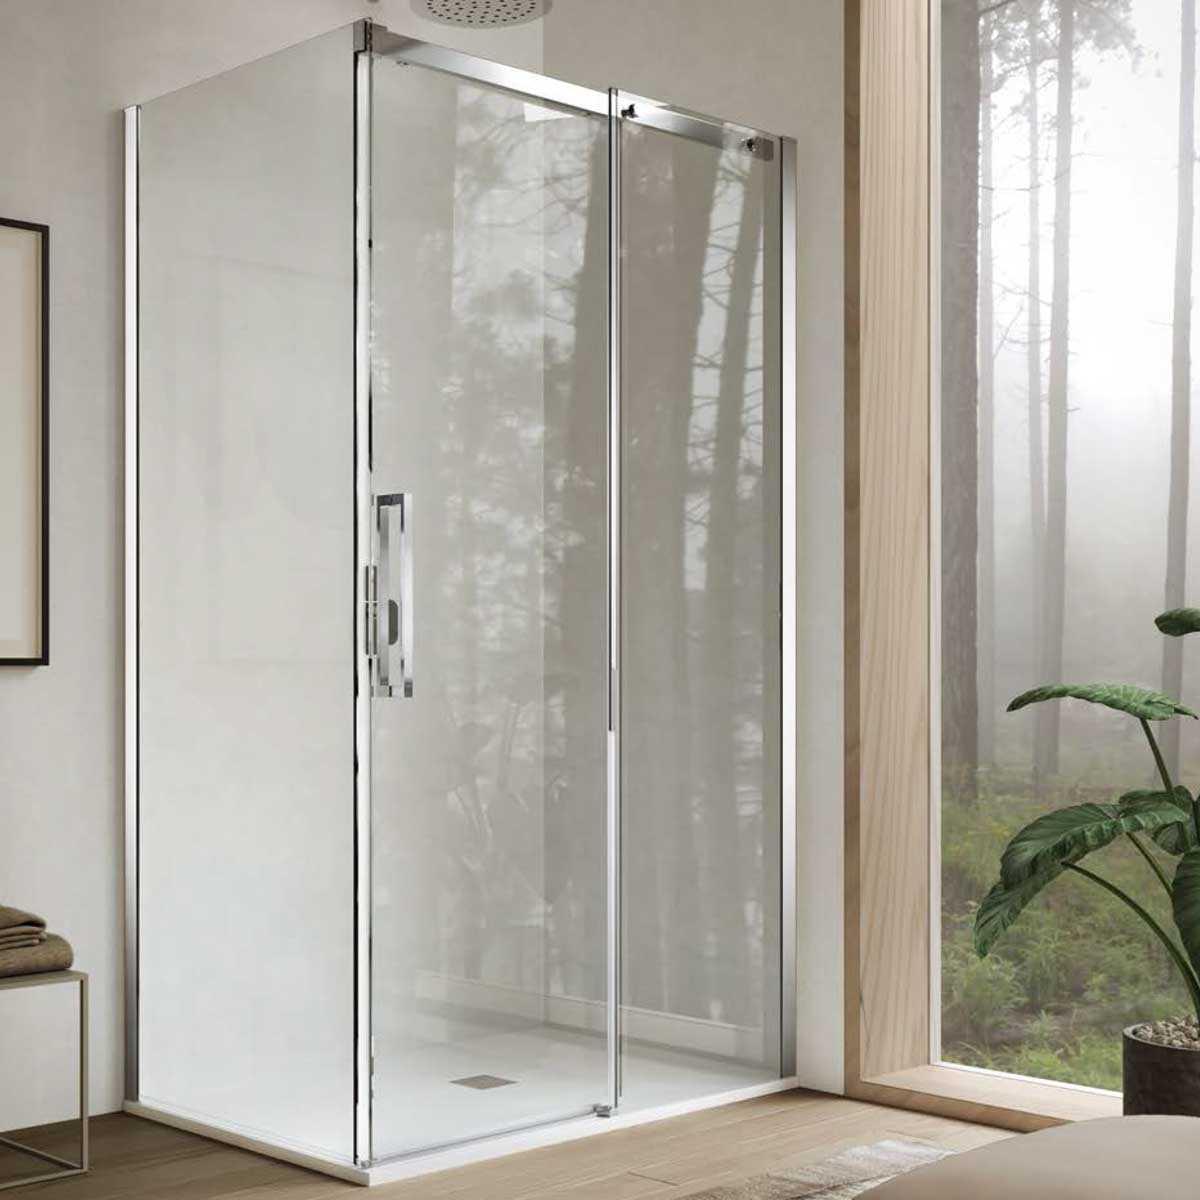 Box doccia angolare 80x120 Giove 2.0 in cristallo trasparente 6  mm e altezza 200 cm